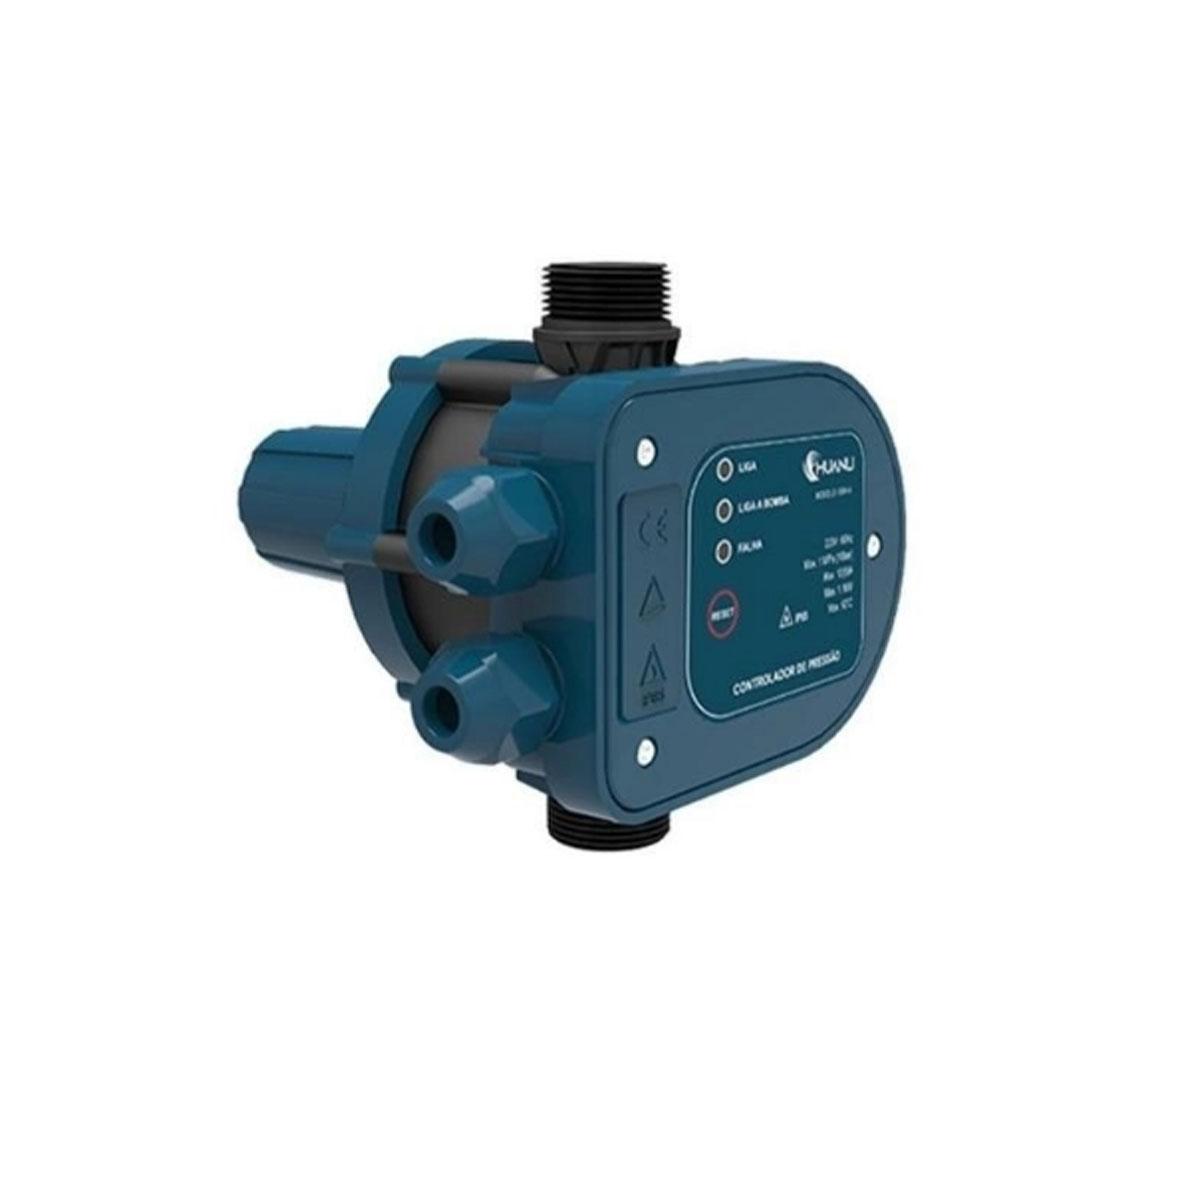 Controlador de Pressão Automática DSK-4 110V Lepono